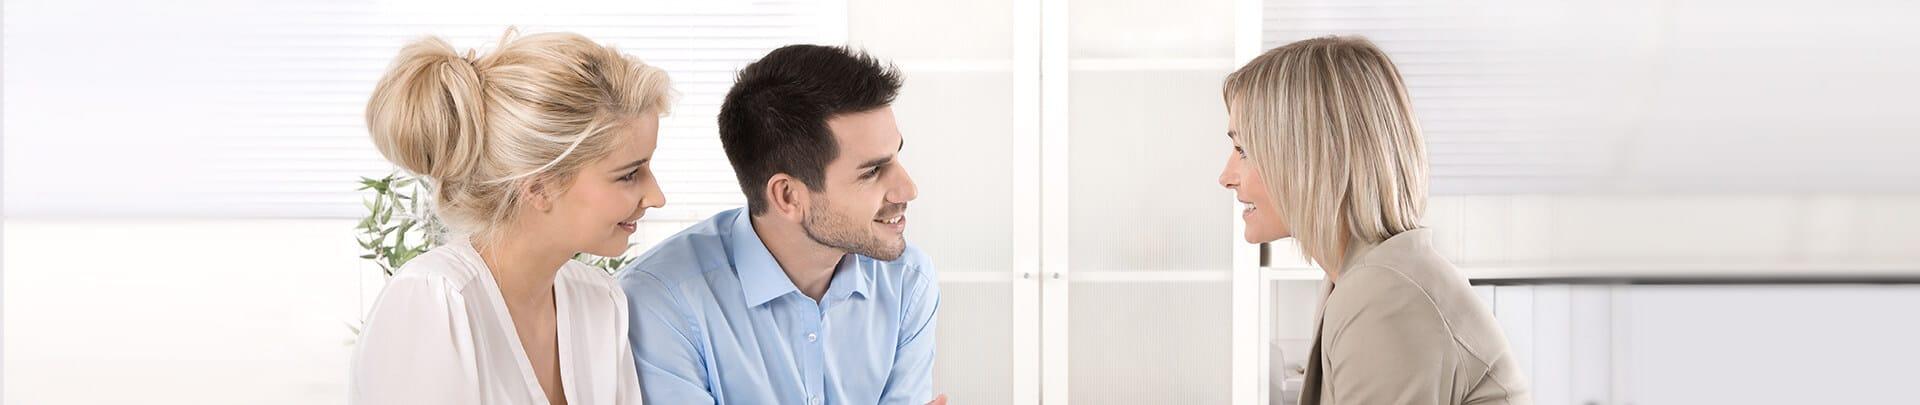 Gespräch Immobilienverkauf